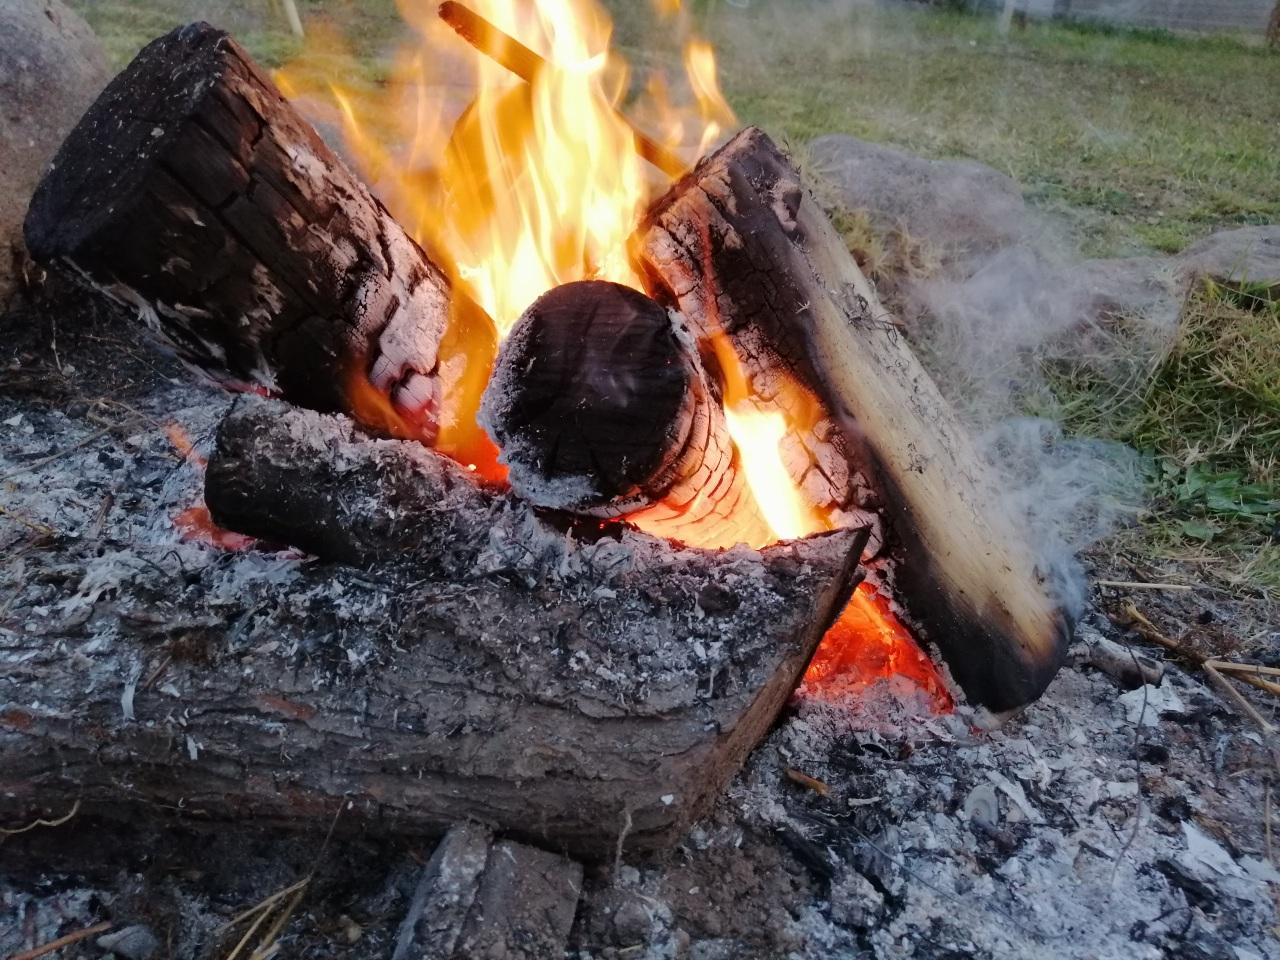 Cocinar en una fogata: - quedar con olor a humo tiene su encanto. Un picoteo de verduras, unos plátanos asados, todo tiene mejor sabor cocinado al aire libre.